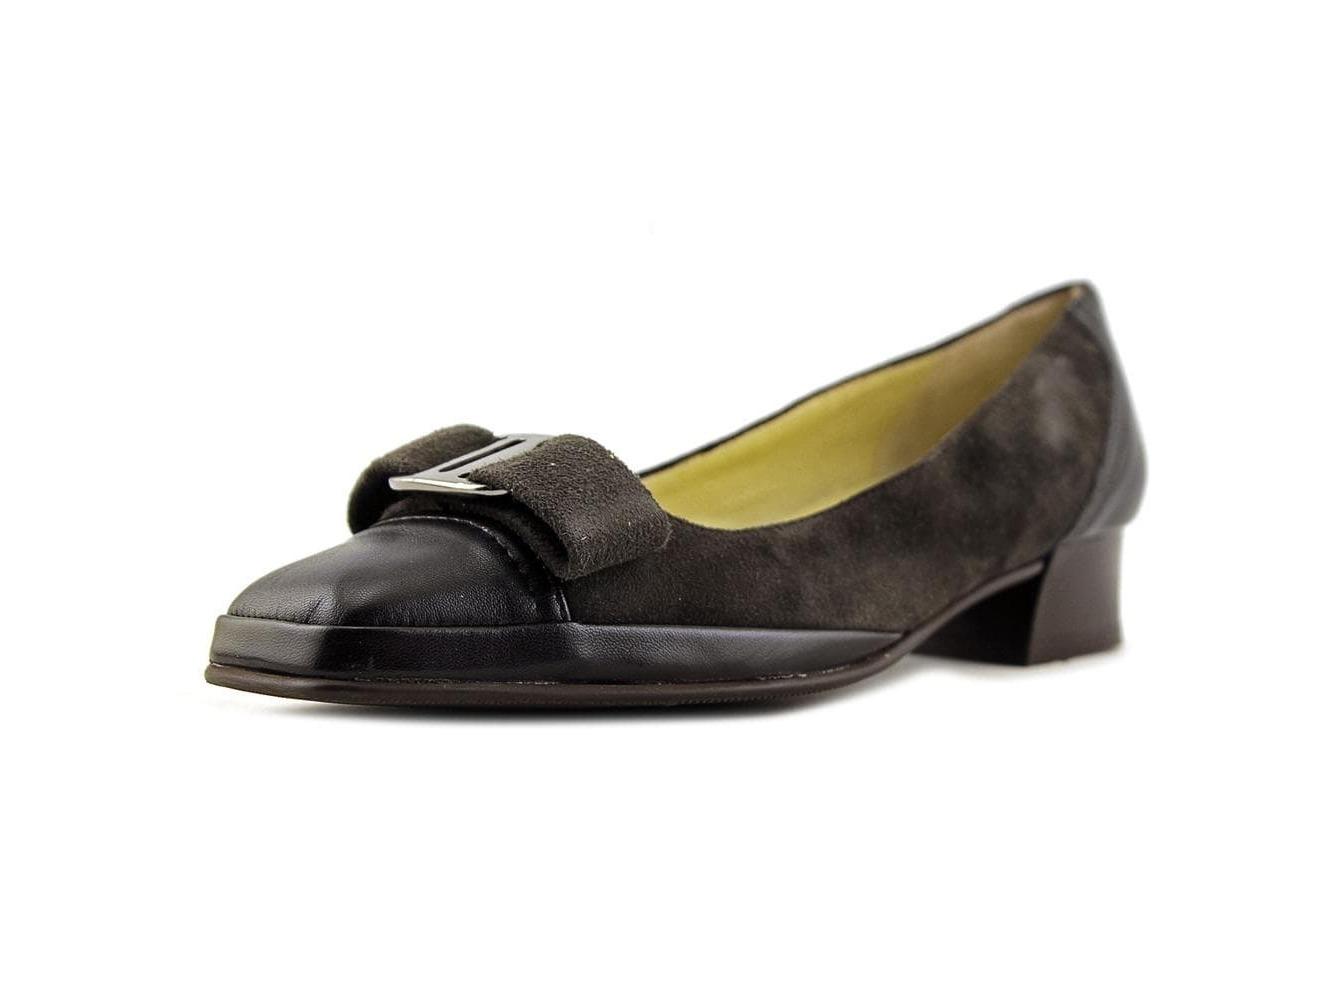 Amalfi By Rangoni Womens Mambo Leather Square Toe Classic Pumps by Amalfi by Rangoni